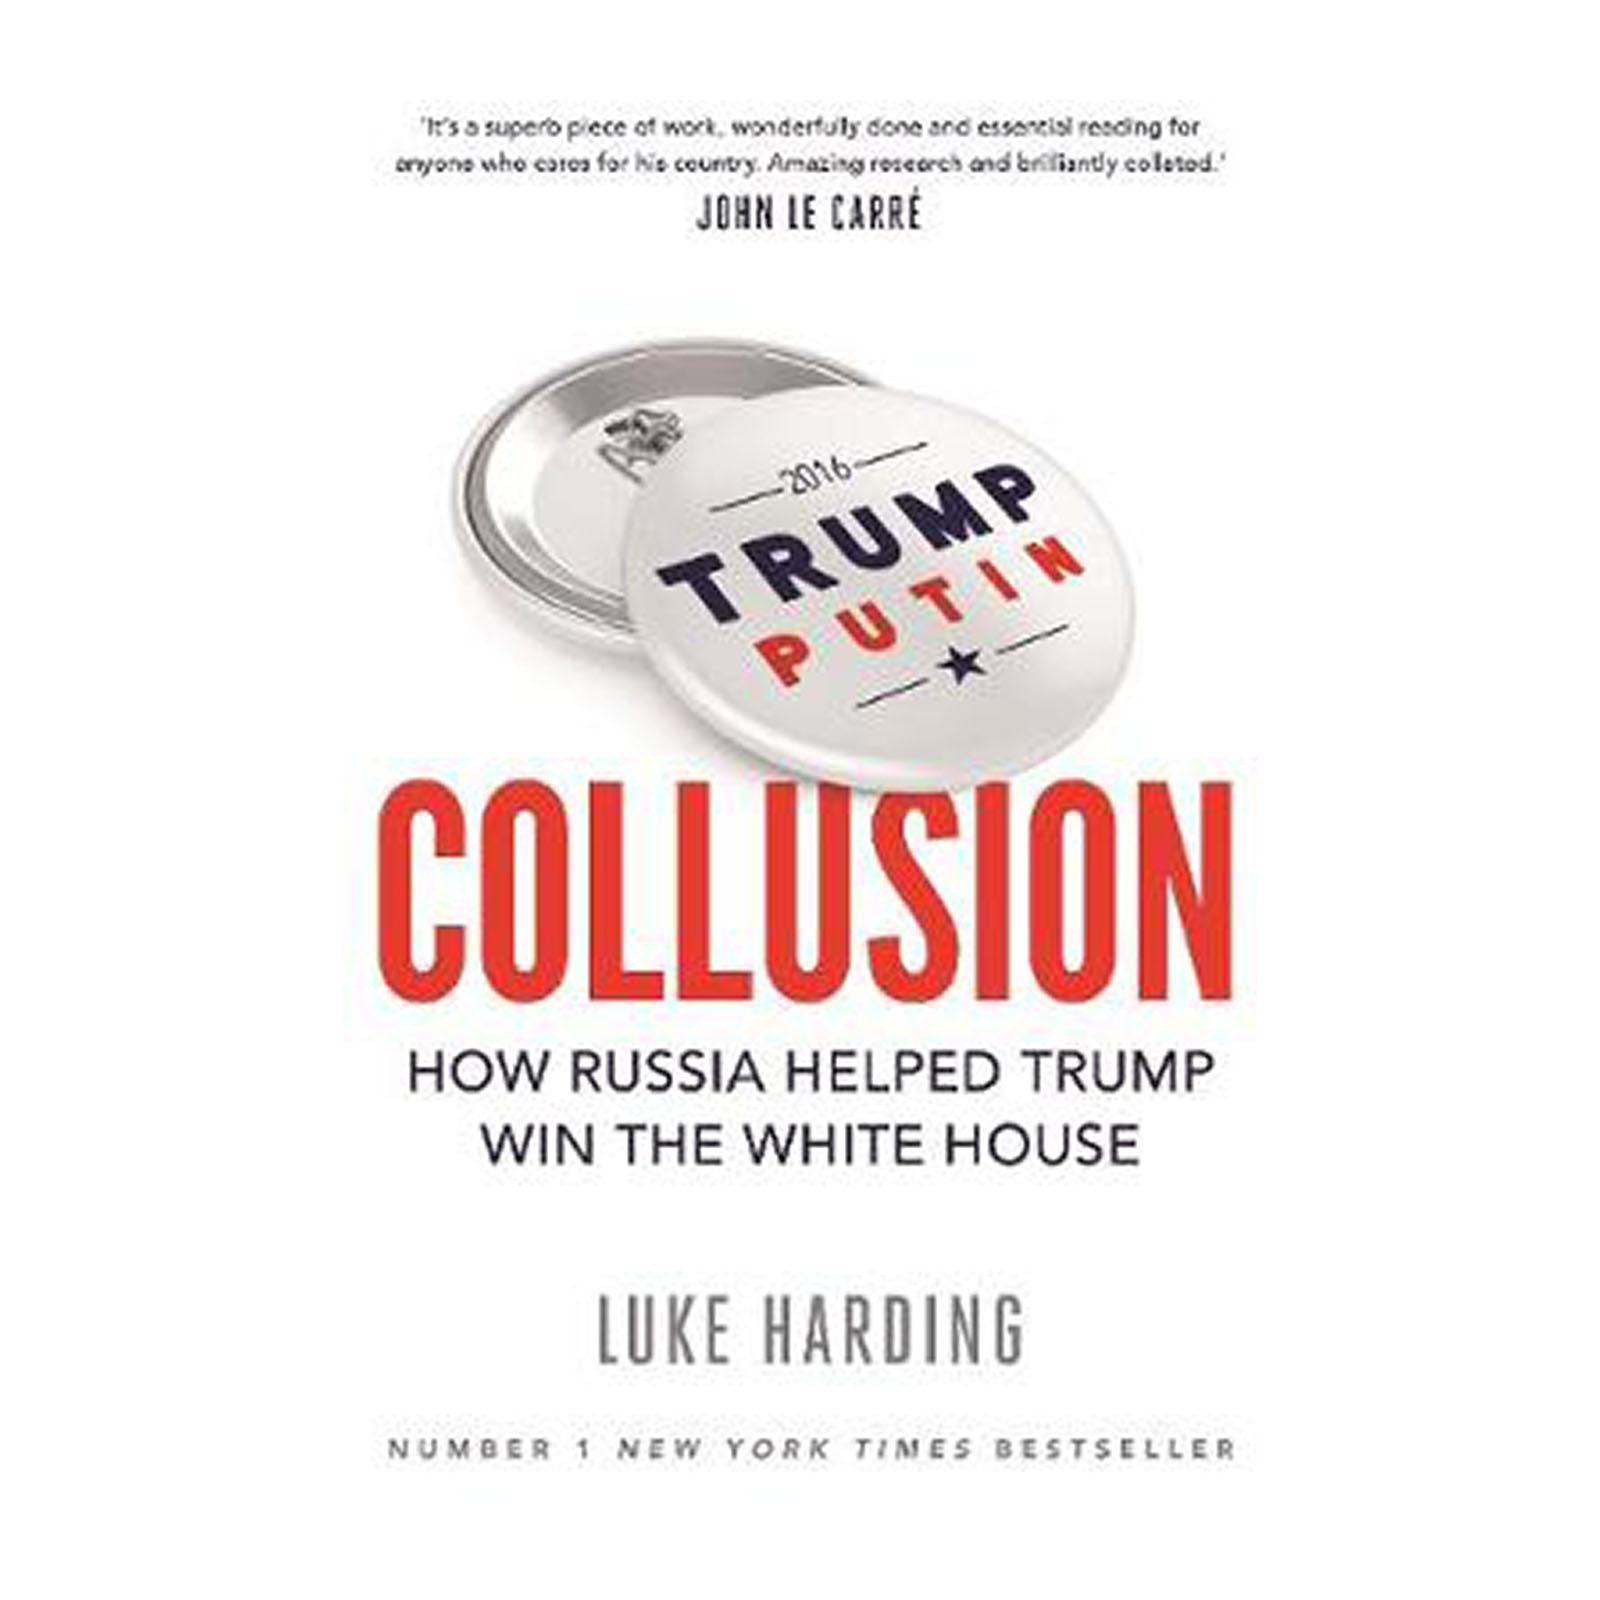 Collusion (Paperback)